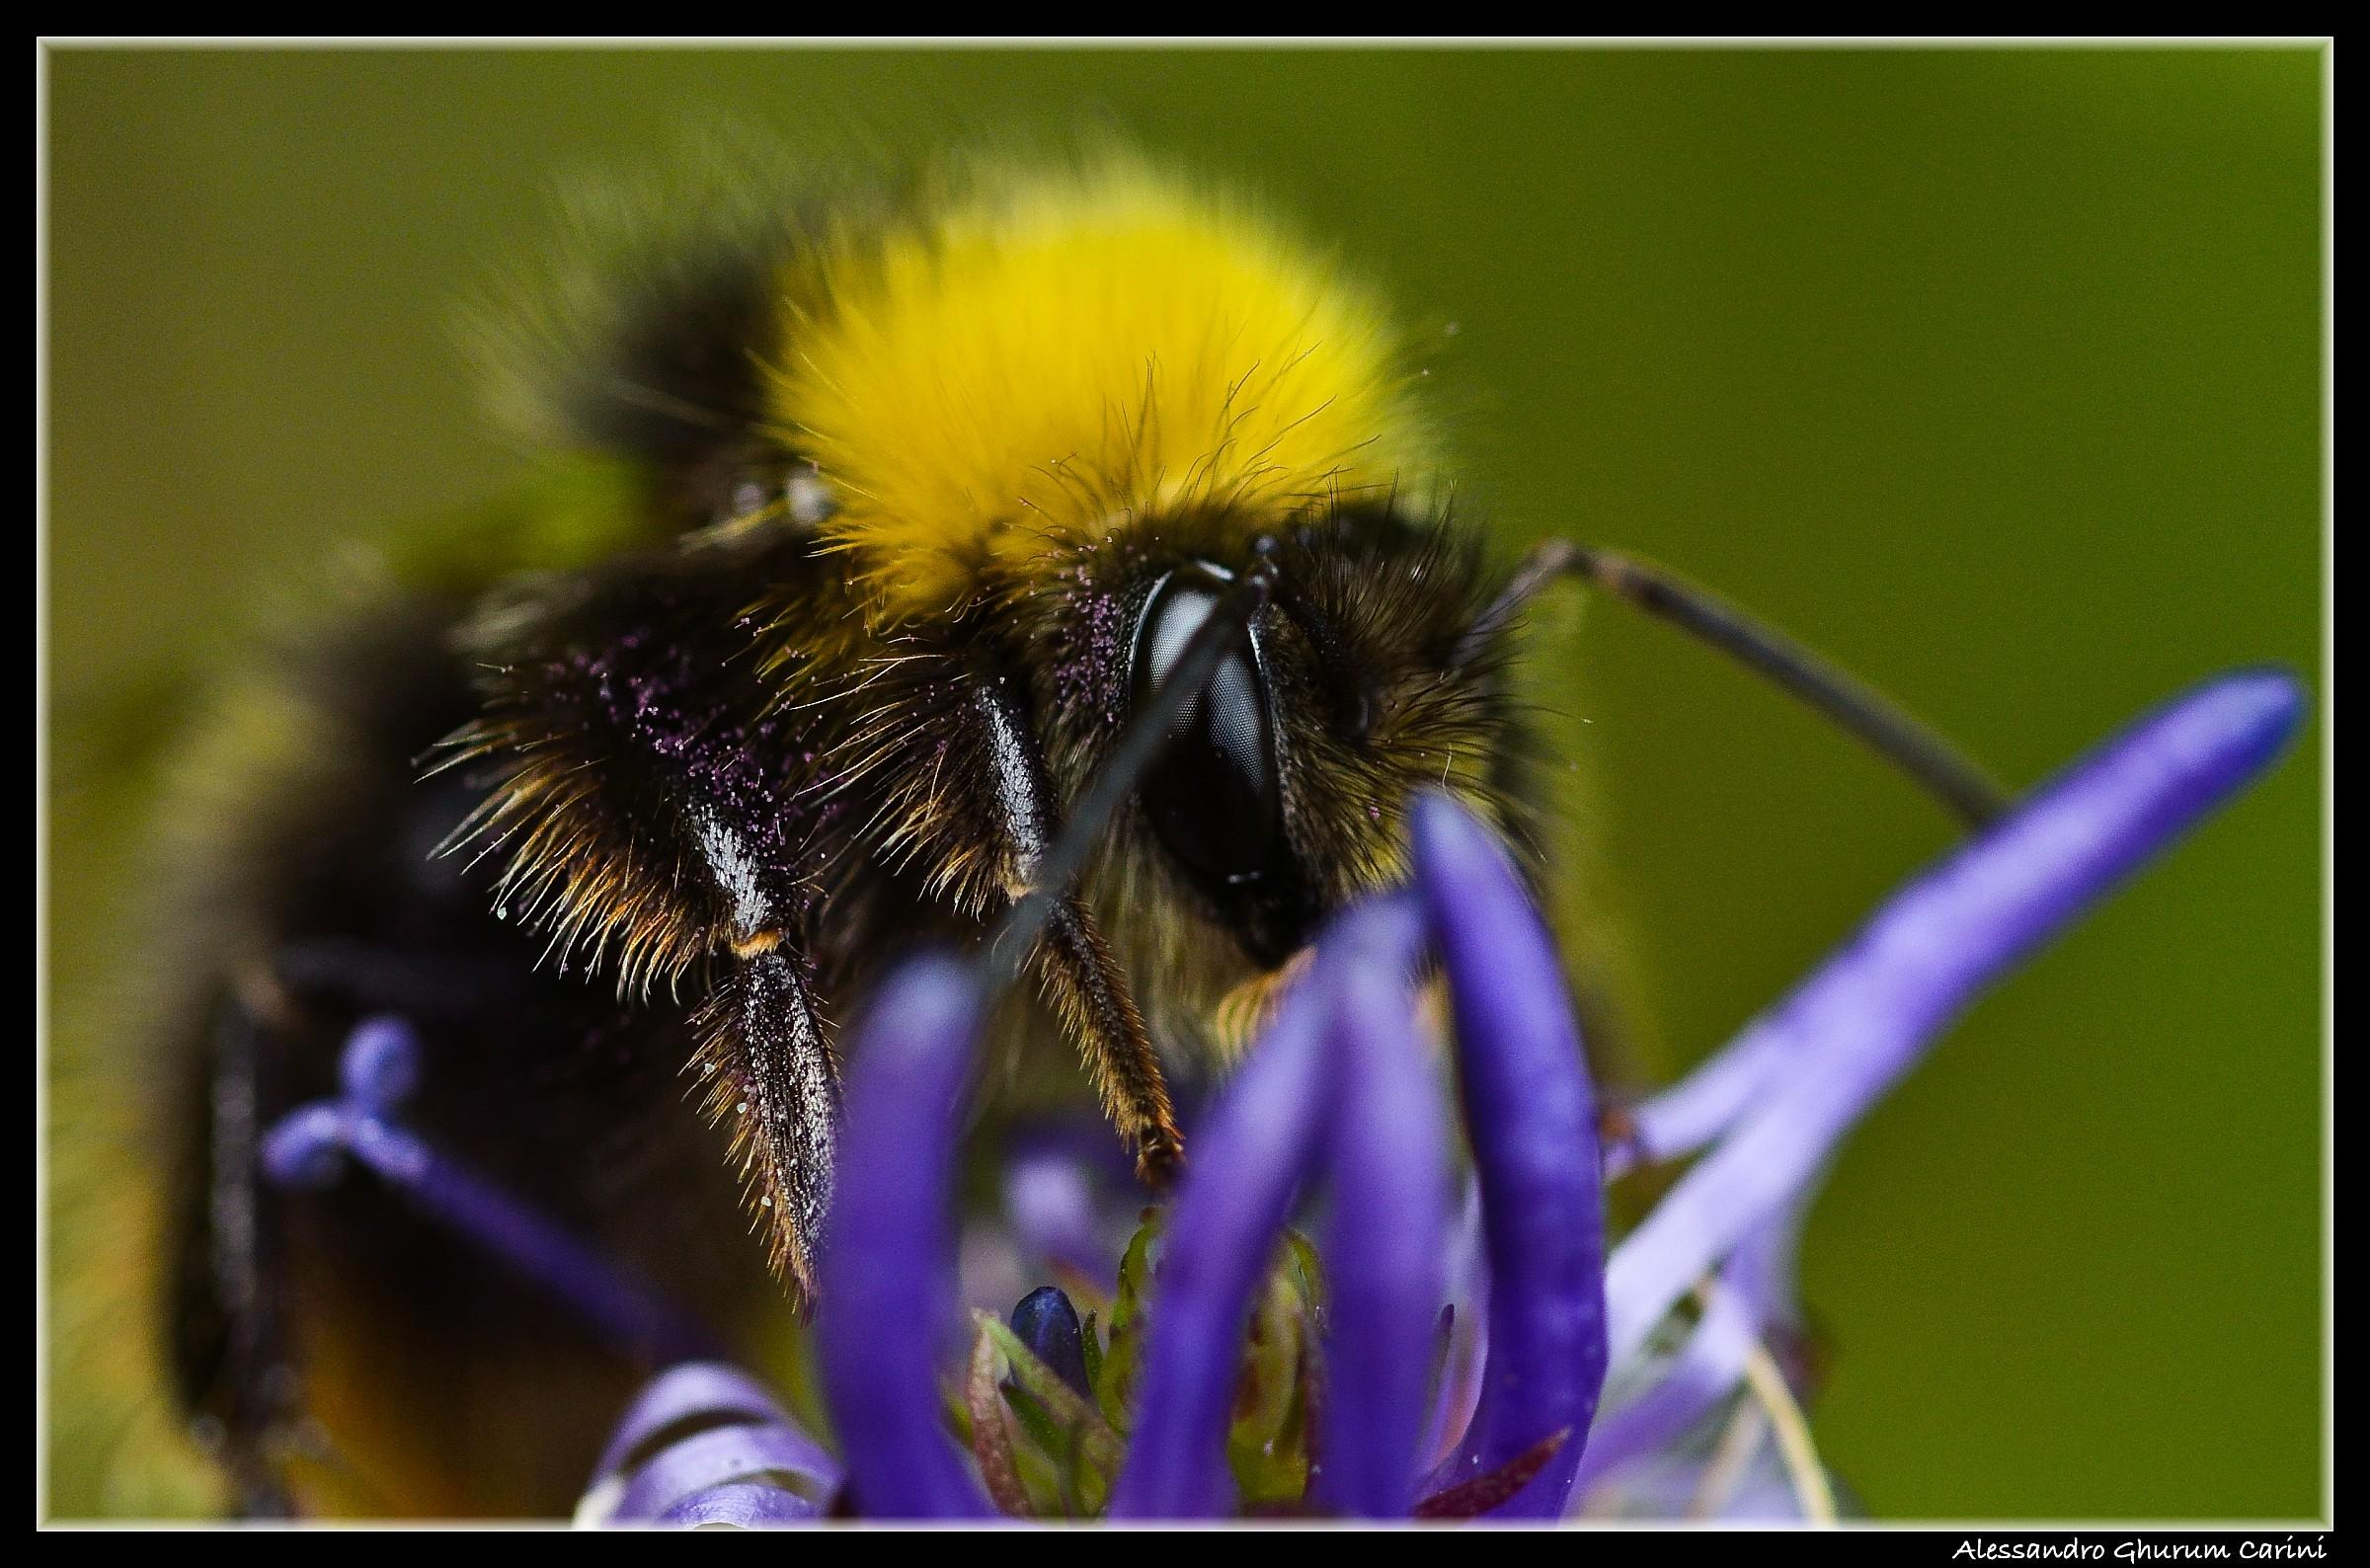 Bee's eyes...